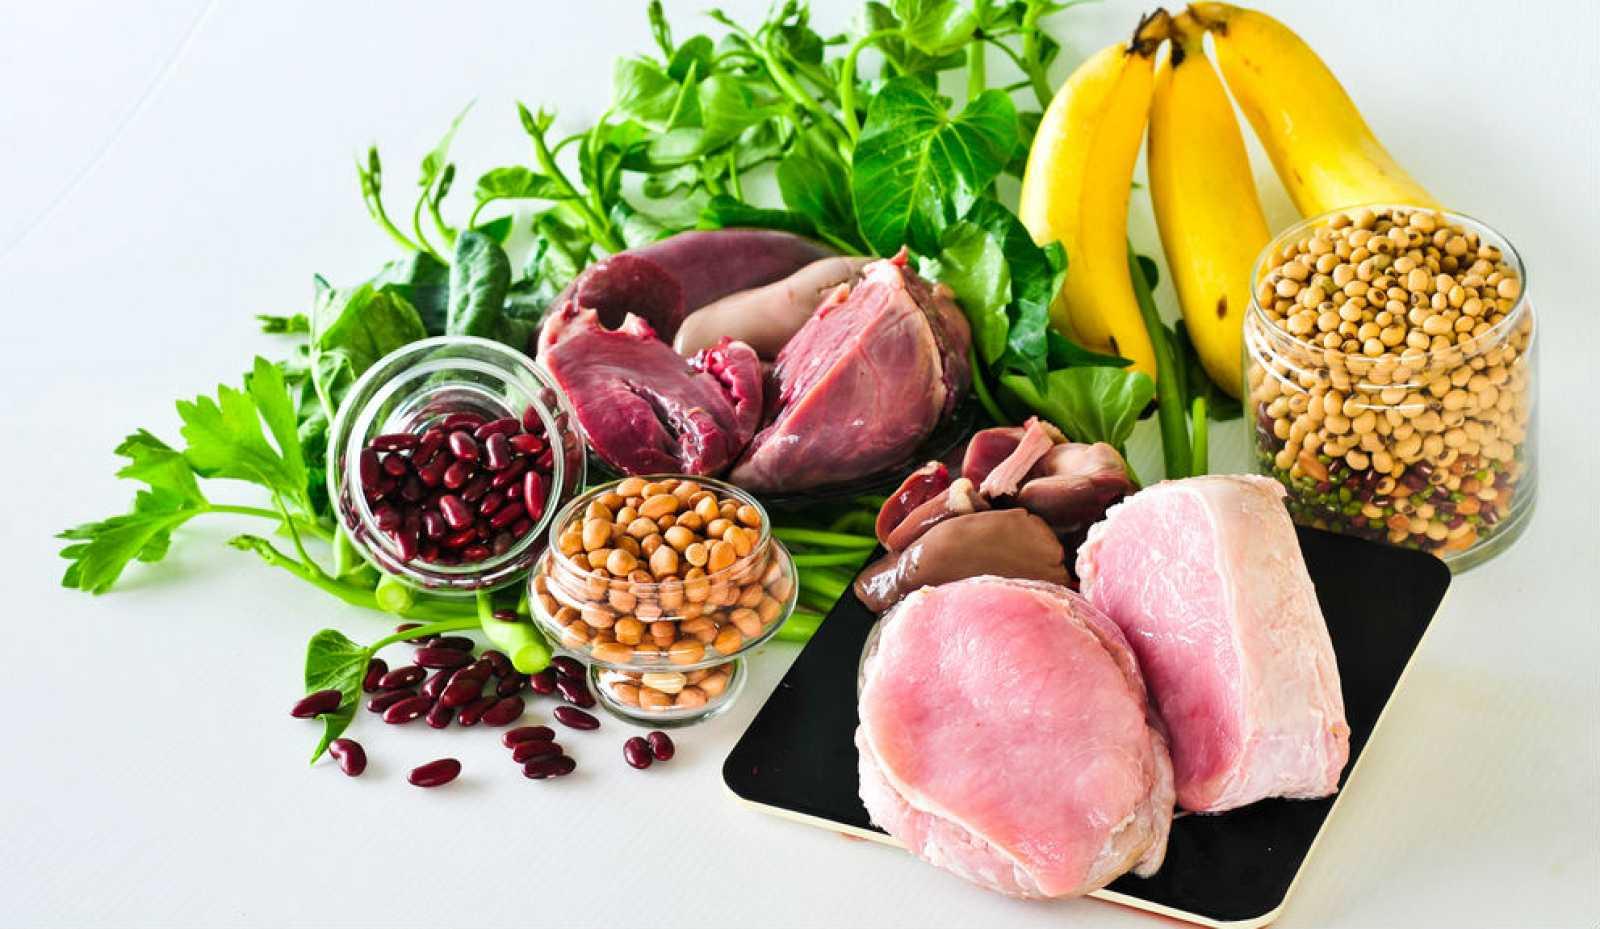 El mundo de la carne -  Salud y consumo de carne: Vitamina B6 - 03/06/17 - Escuchar ahora